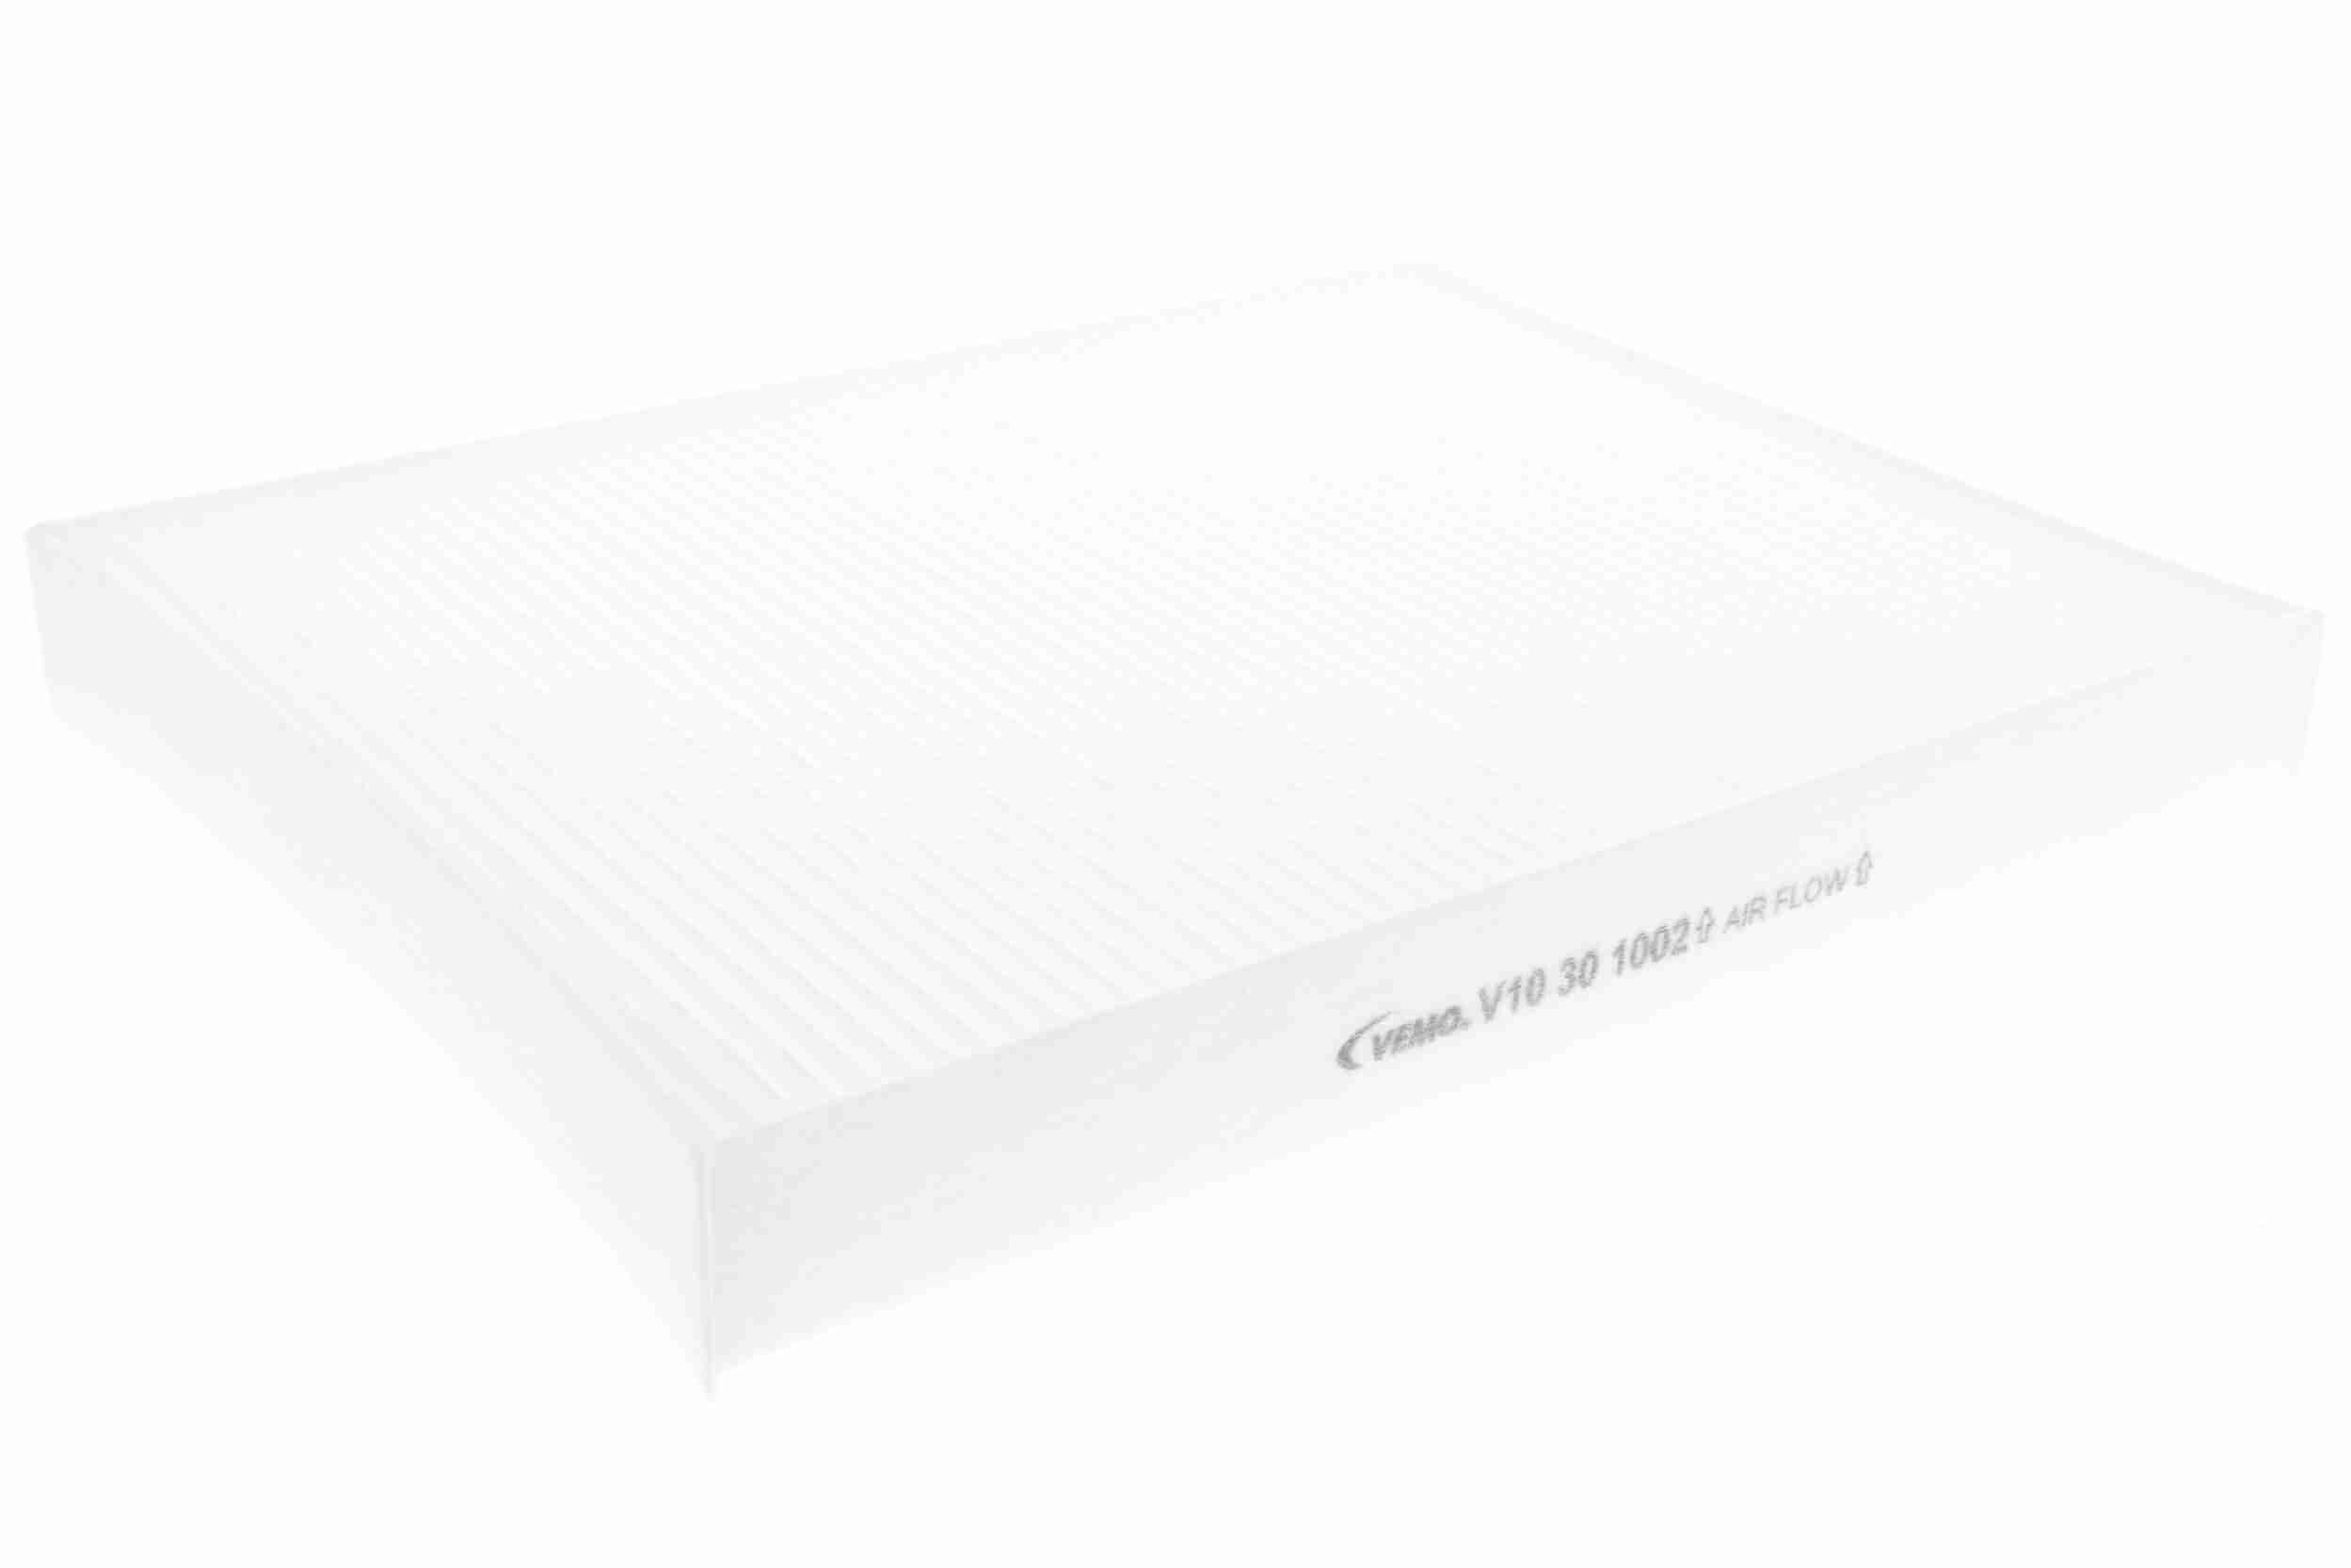 V10-30-1002 VEMO Original Quality Filtereinsatz, Pollenfilter Breite: 218,5mm, Höhe: 32mm, Länge: 278mm Filter, Innenraumluft V10-30-1002 günstig kaufen